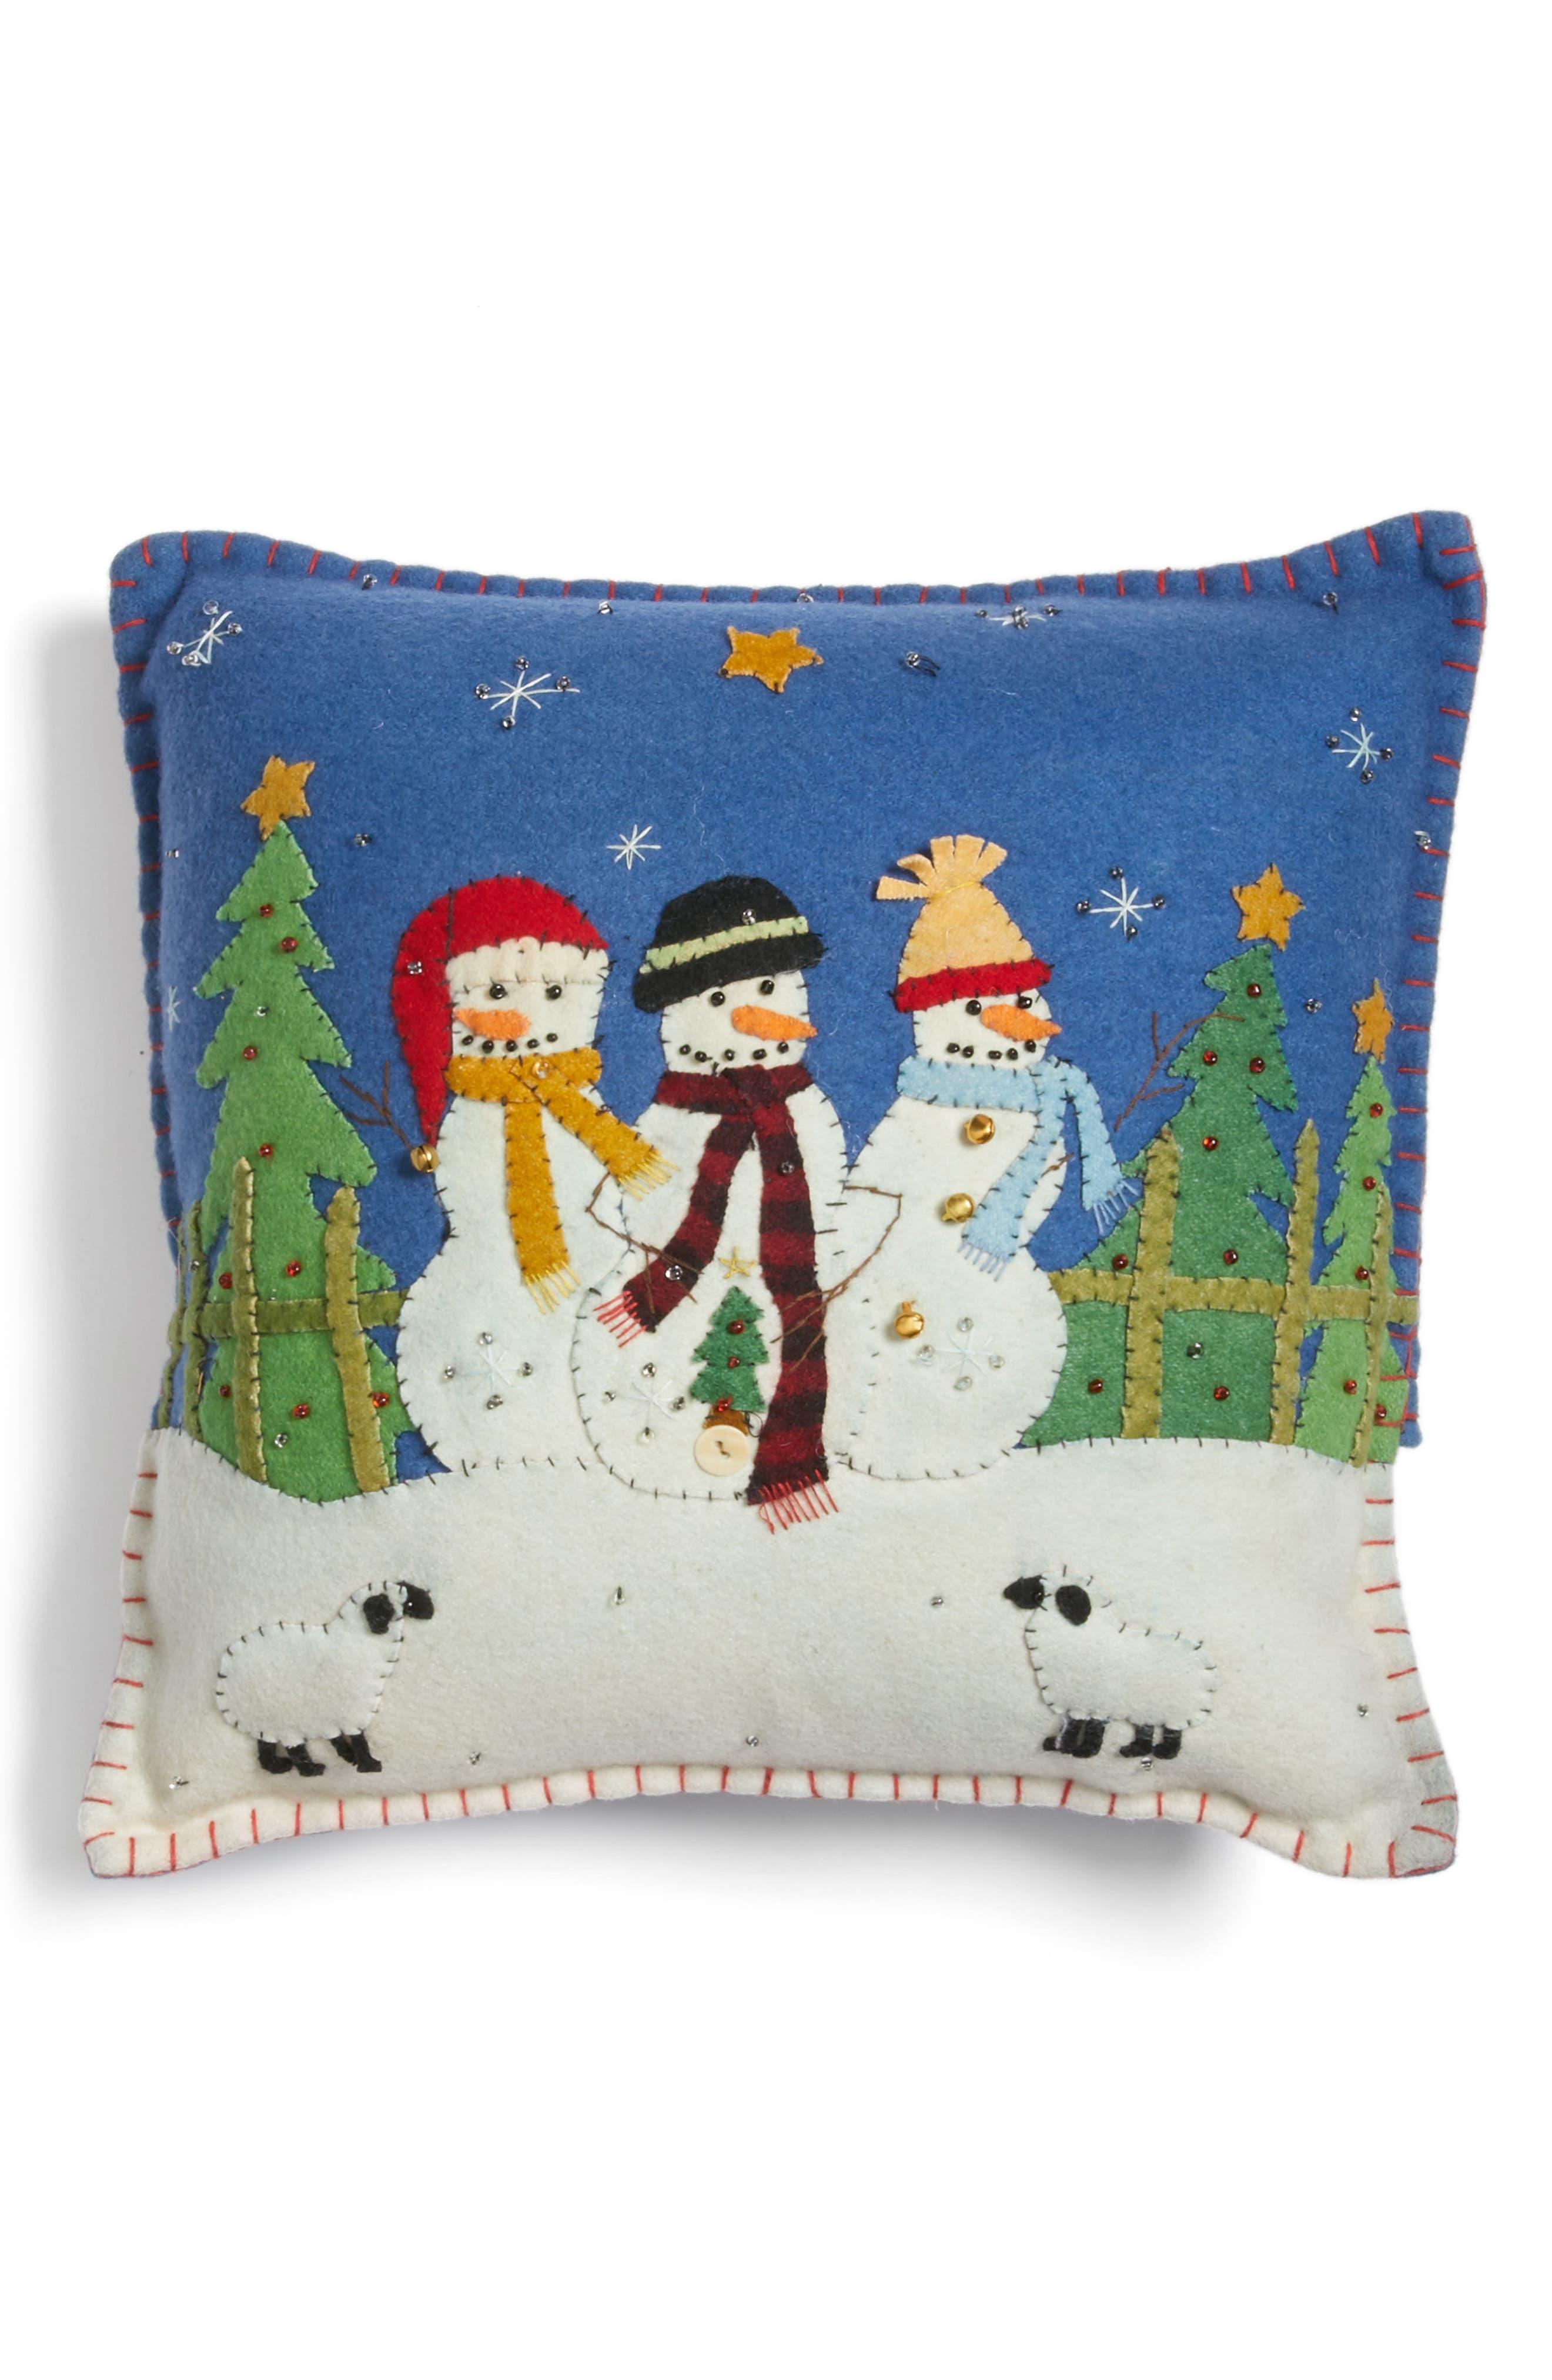 New World Arts Snowmen Pillow